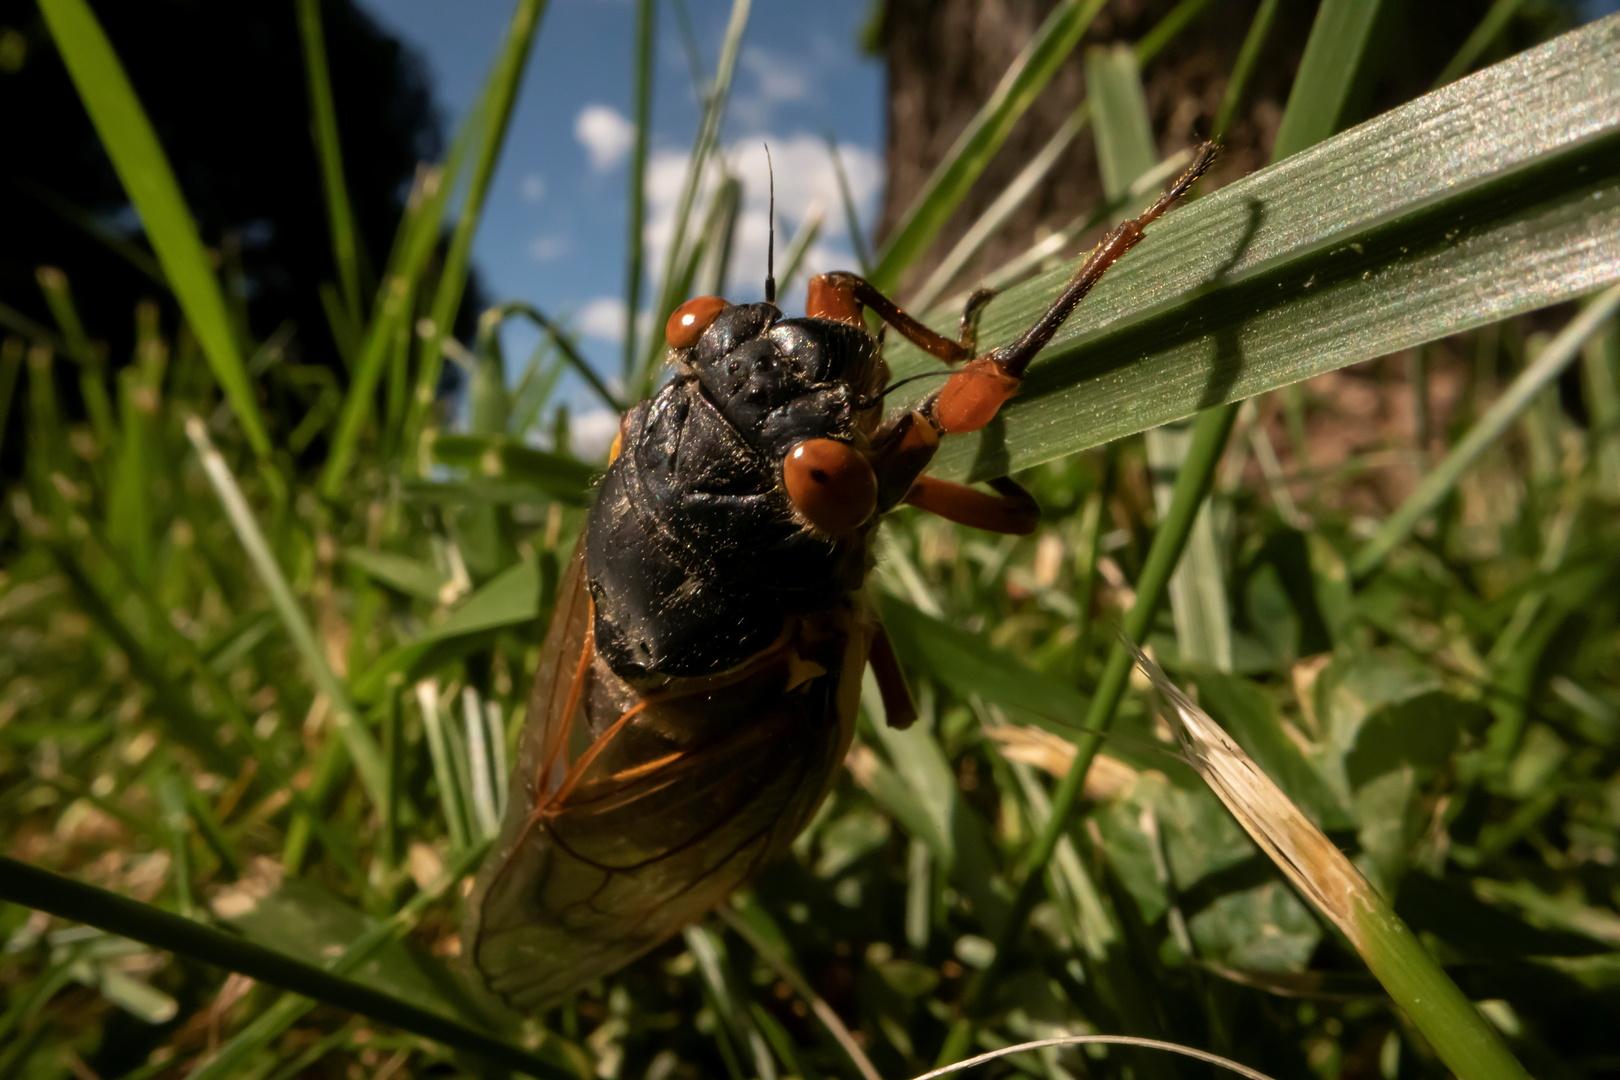 مليارات الحشرات حمراء العينين تخرج بعد 17 عاما قضتها تحت الأرض لتتزاوج وتتكاثر وتموت